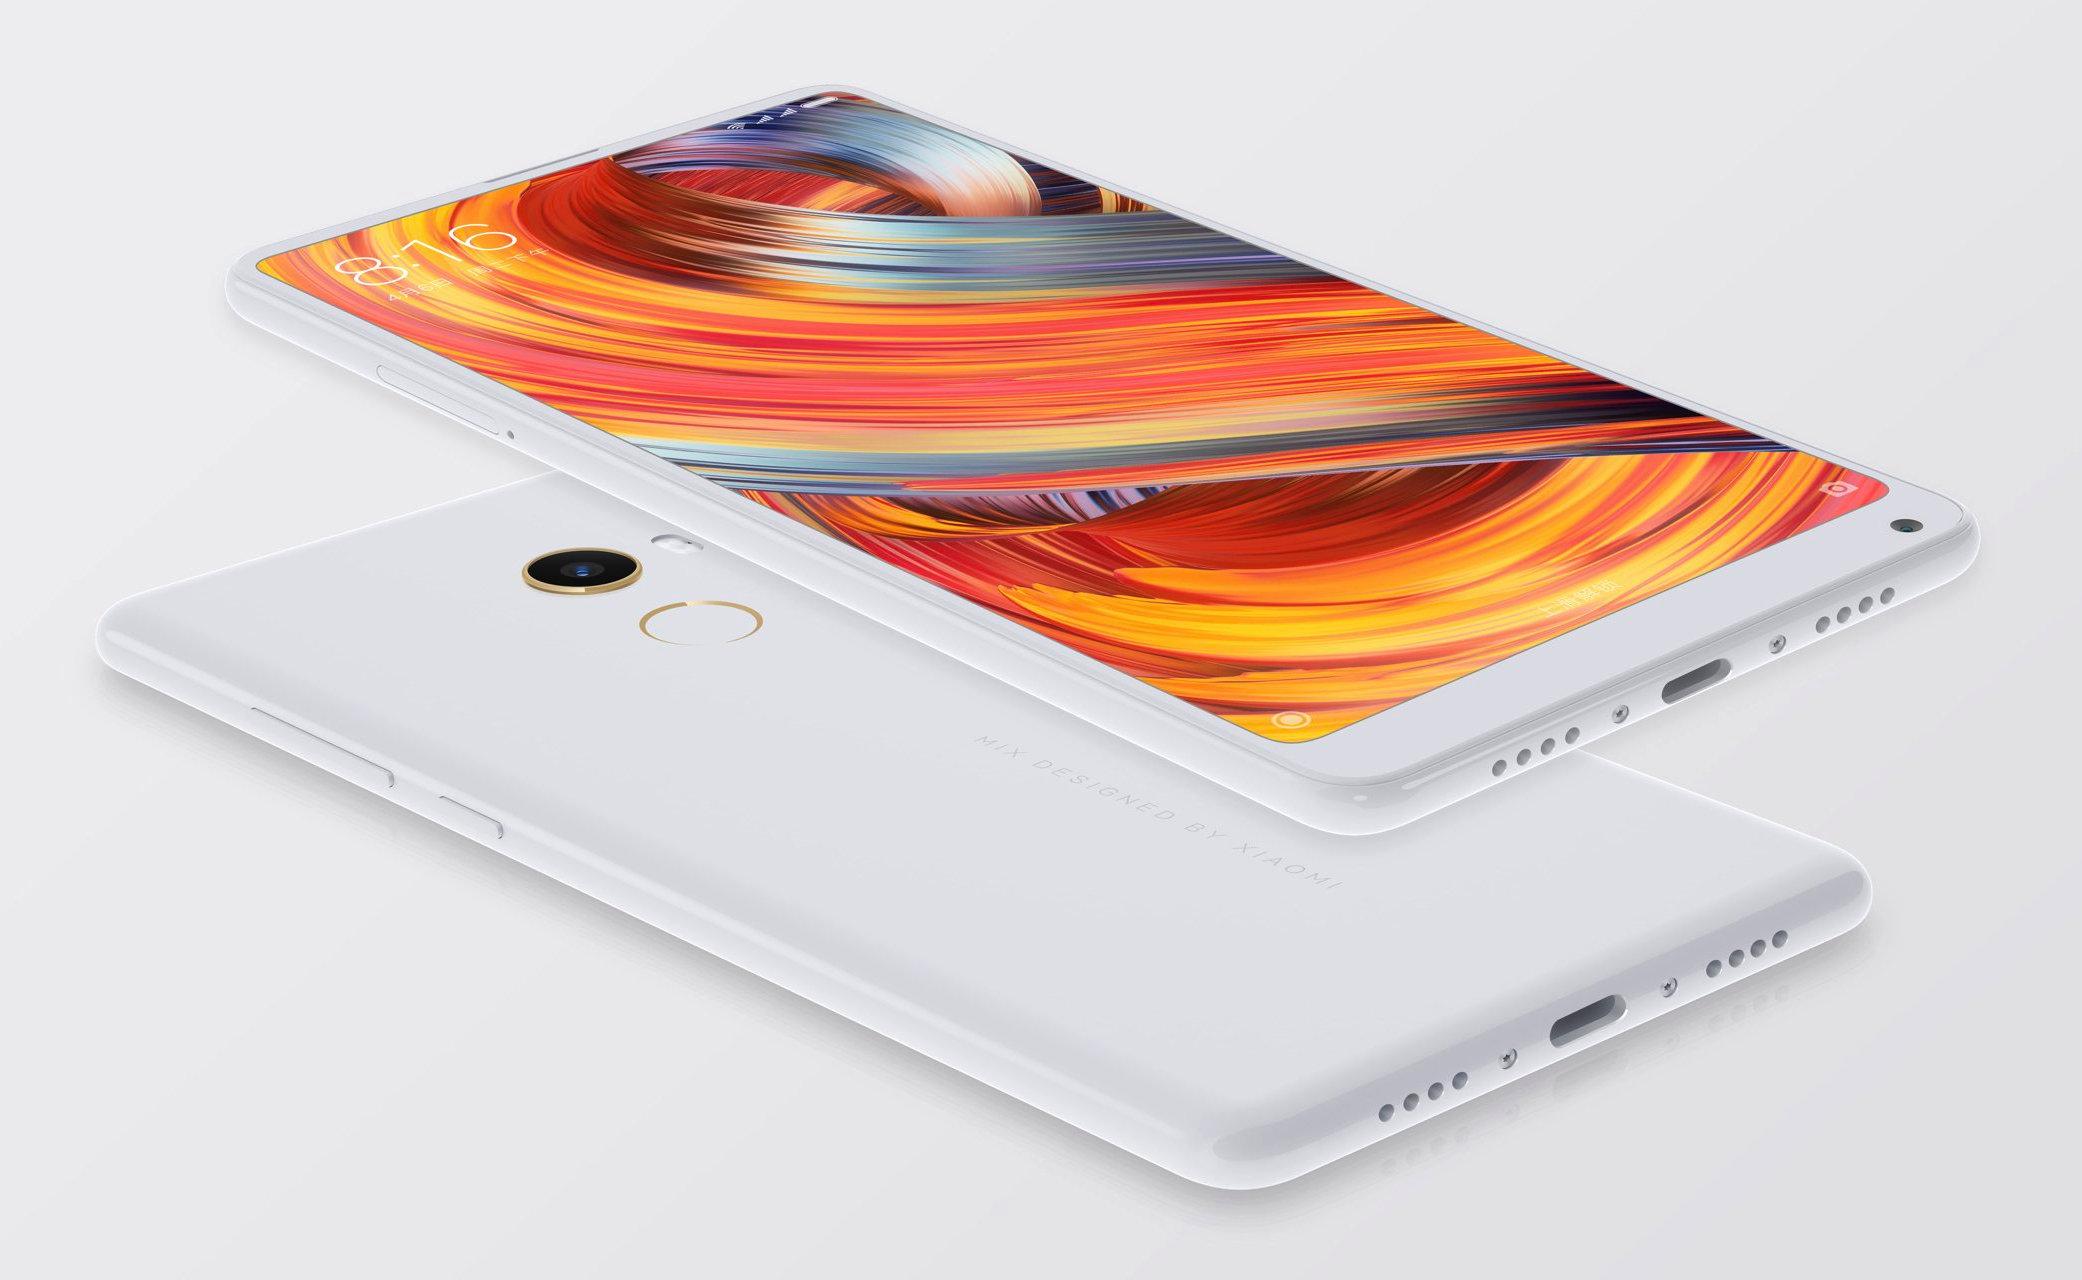 Xiaomi Mi MIX 2 Special Edition dostępny będzie w czarnej i białej wersji kolorystycznej Podstawowy model tylko w czarnej